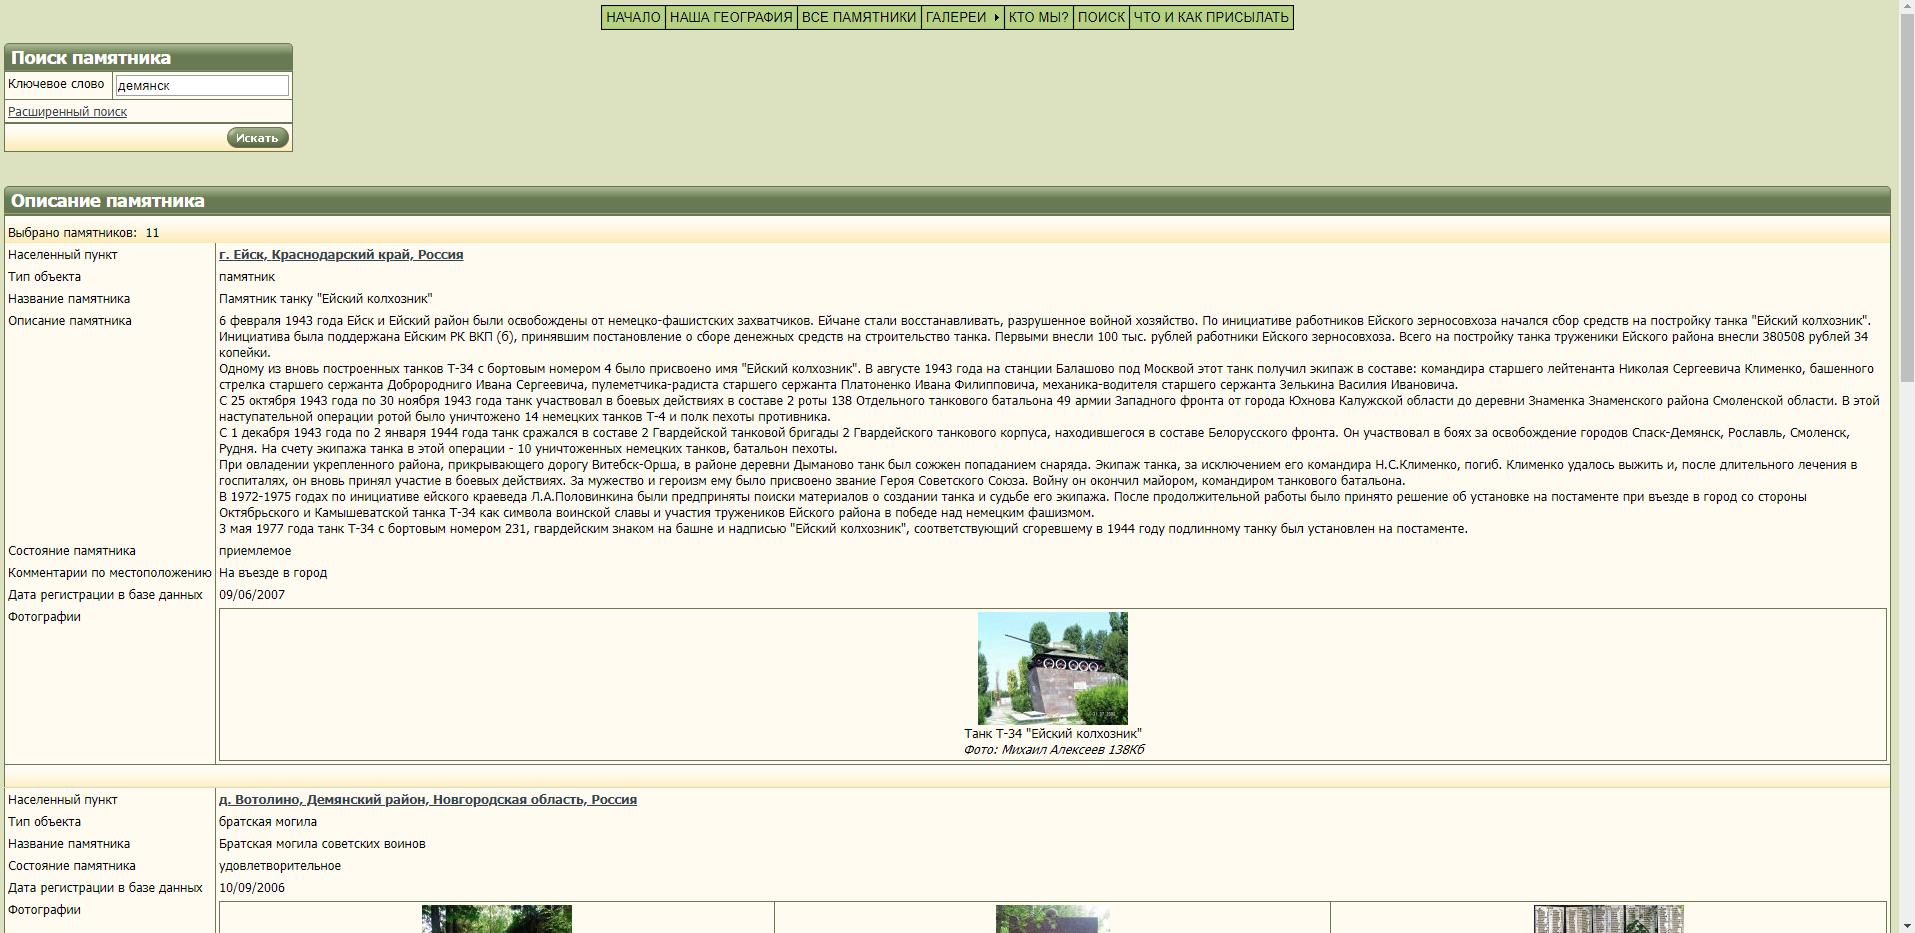 Сайт pomnite-nas.ru   фотографии и описания воинских захоронений. Великой отечественной войны